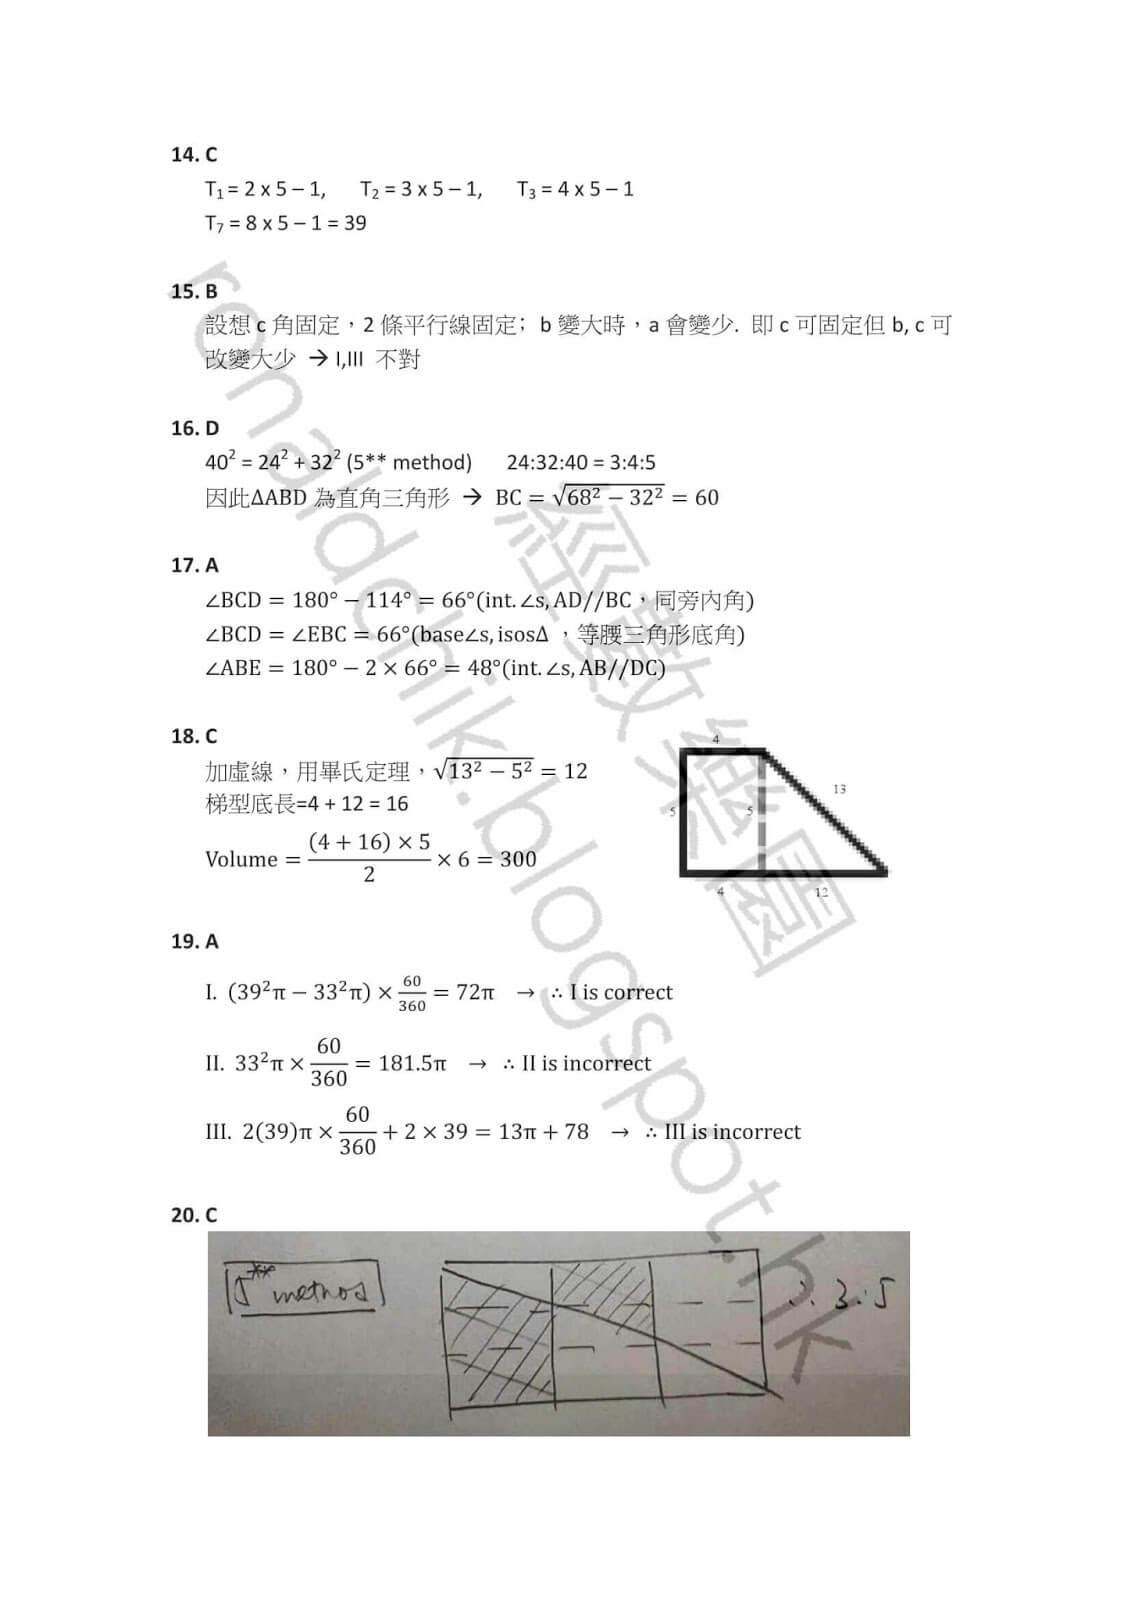 2016 DSE Math Paper 2 數學 卷二 答案 Q14,15,16,17,18,19,20